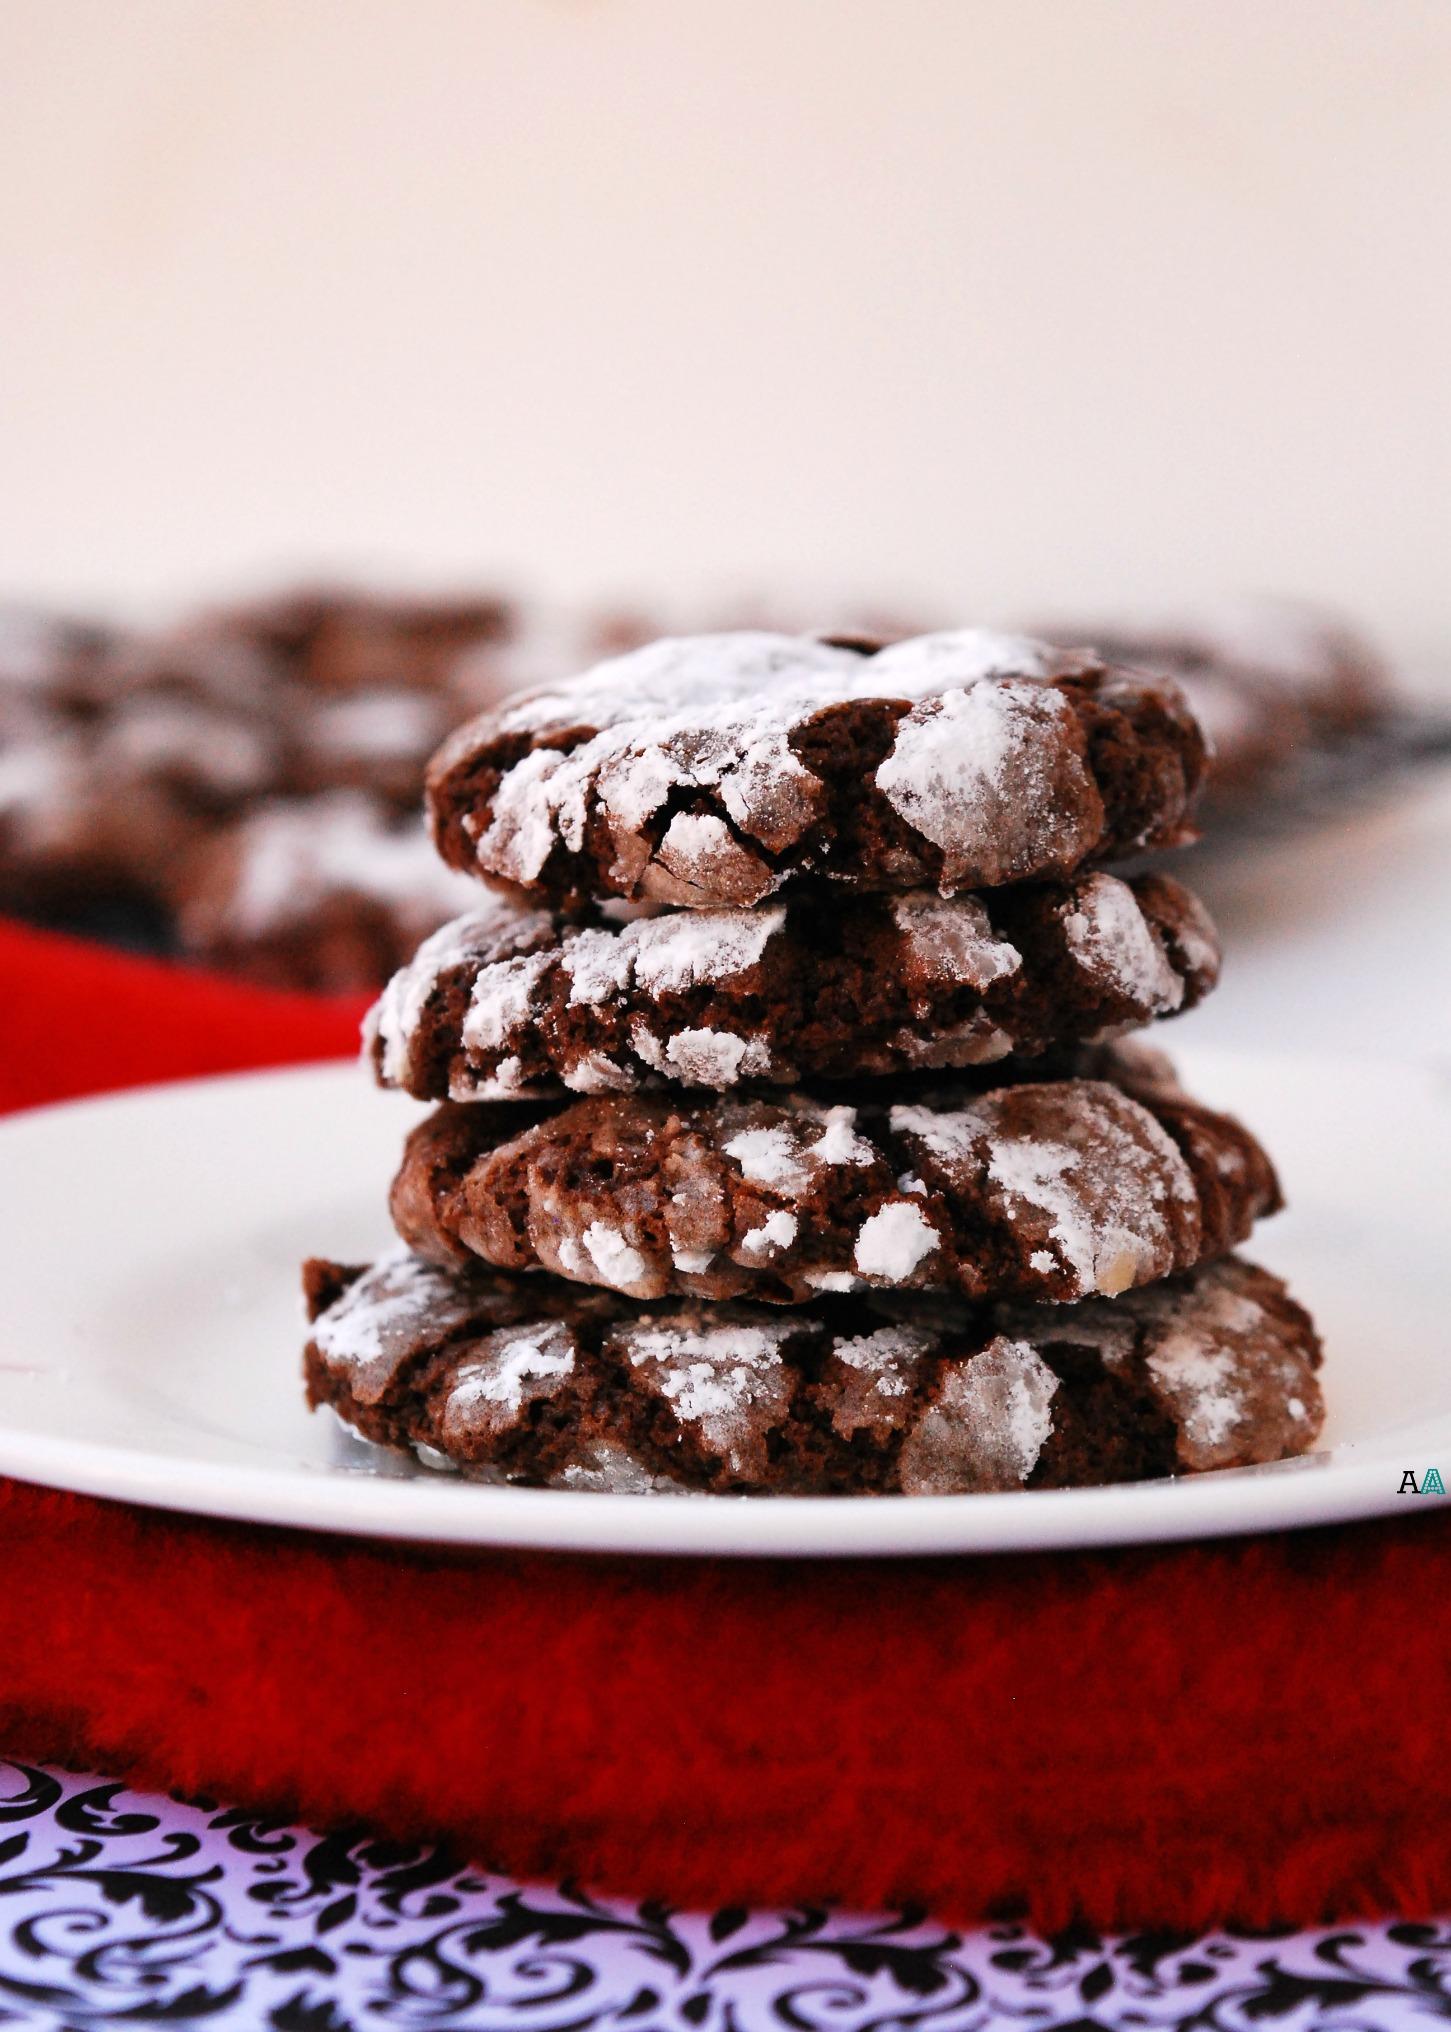 Christmas Chocolate Peppermint Crinkle Cookies Gf Vegan